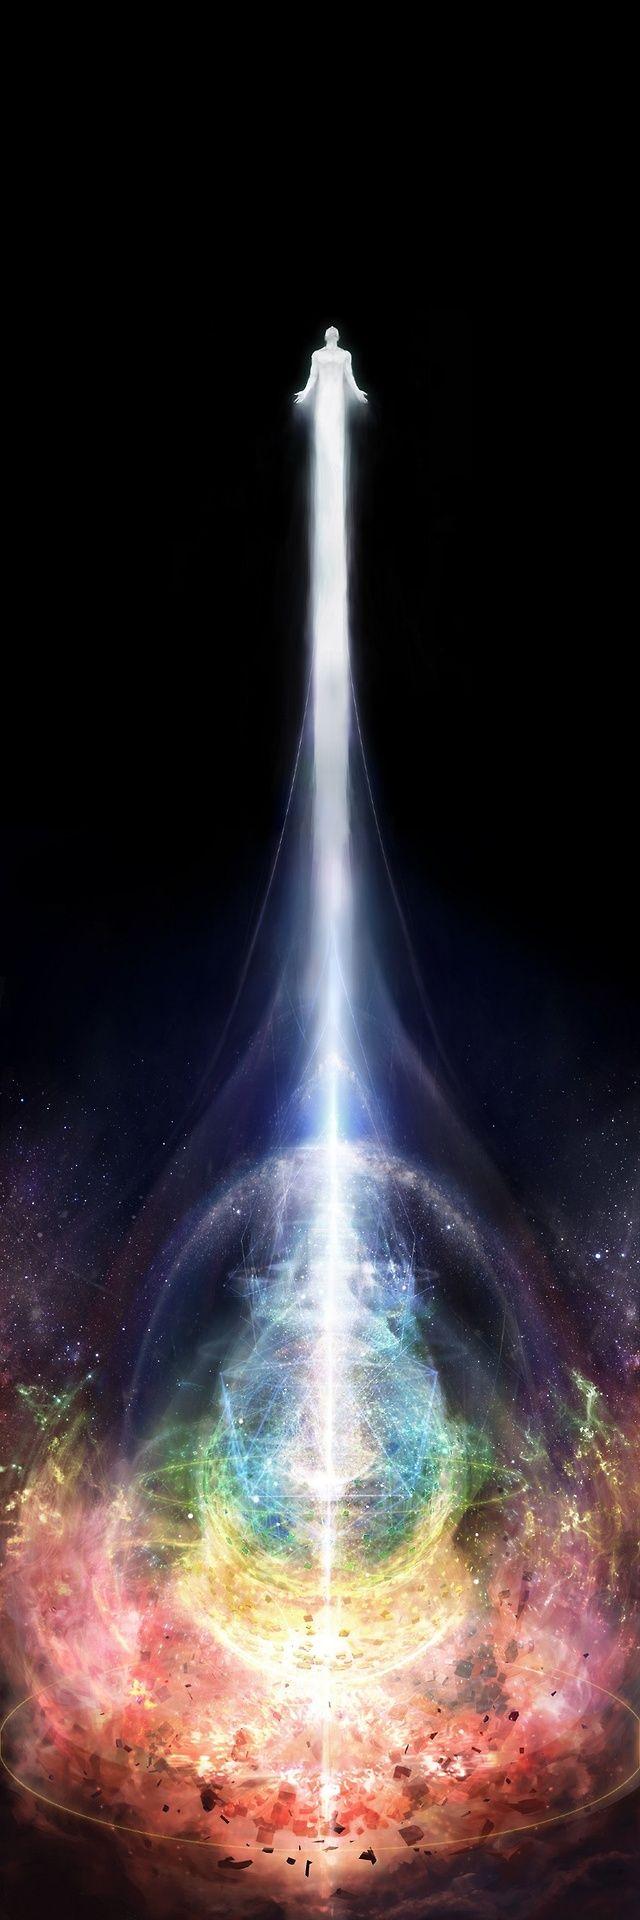 ૐ Awakening Our Truth∞~Pathways to Enlightenment~